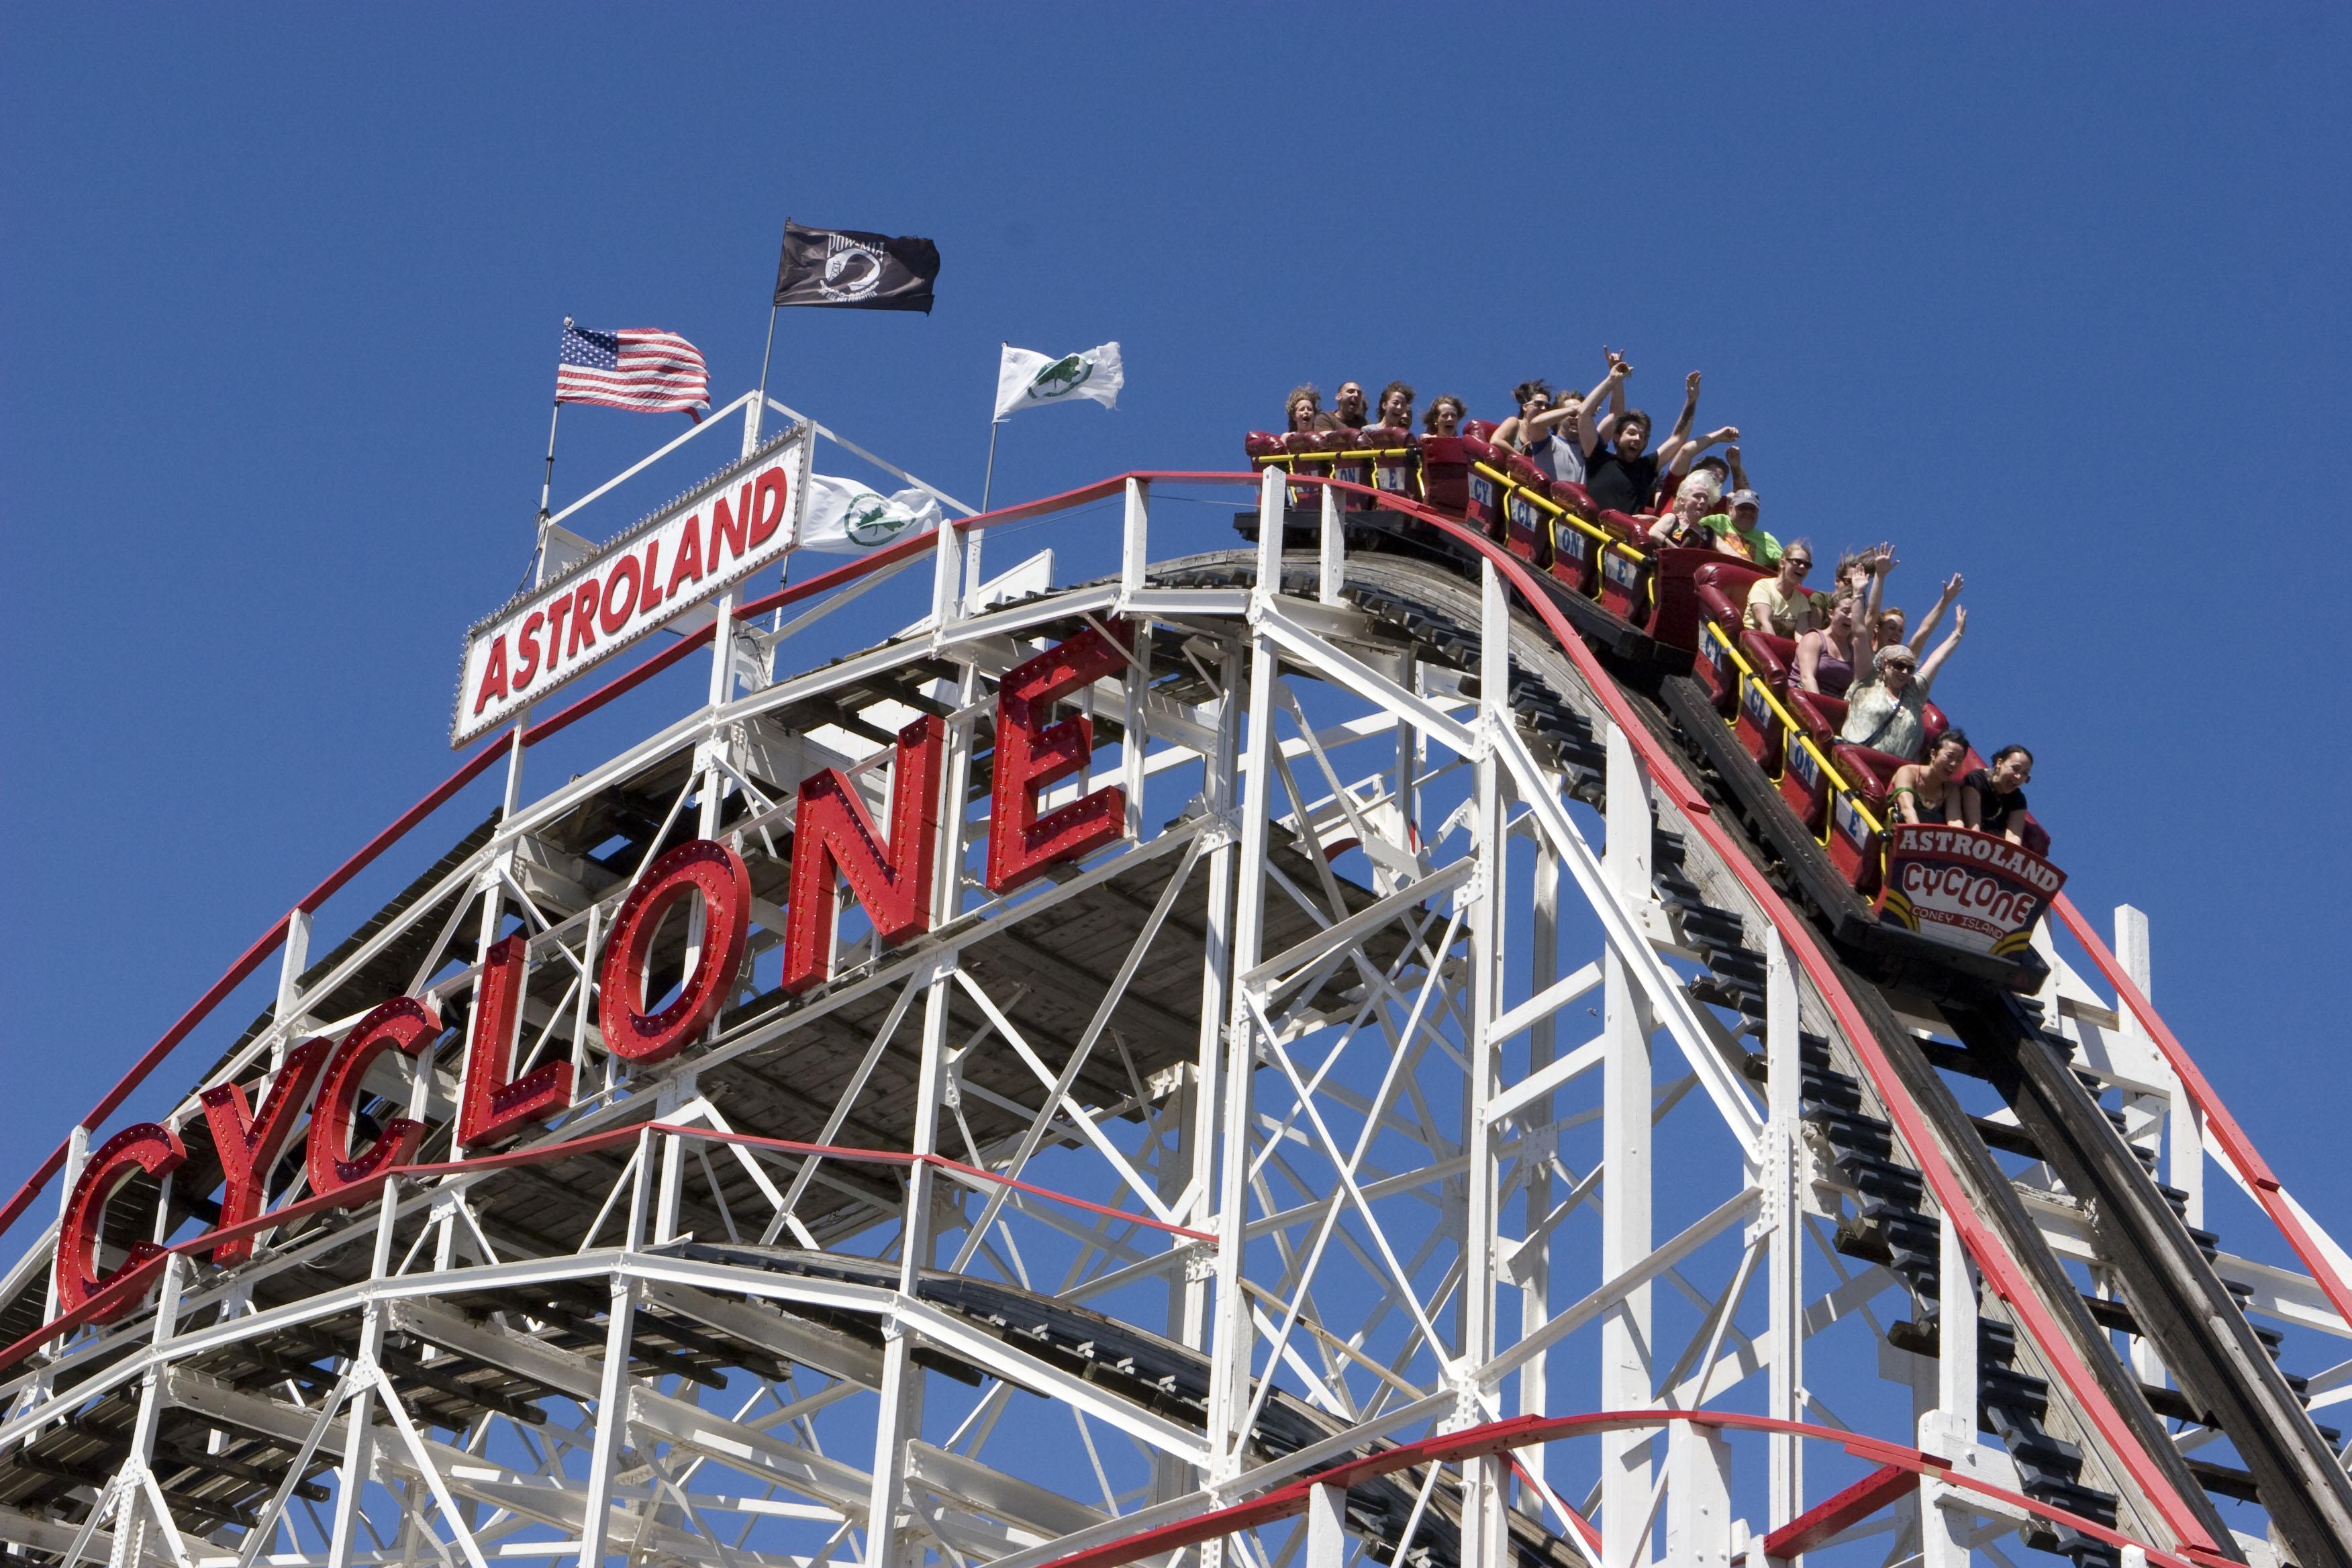 Turismo de nueva york promociona coney island bookingfax - Oficina de turismo nueva york ...